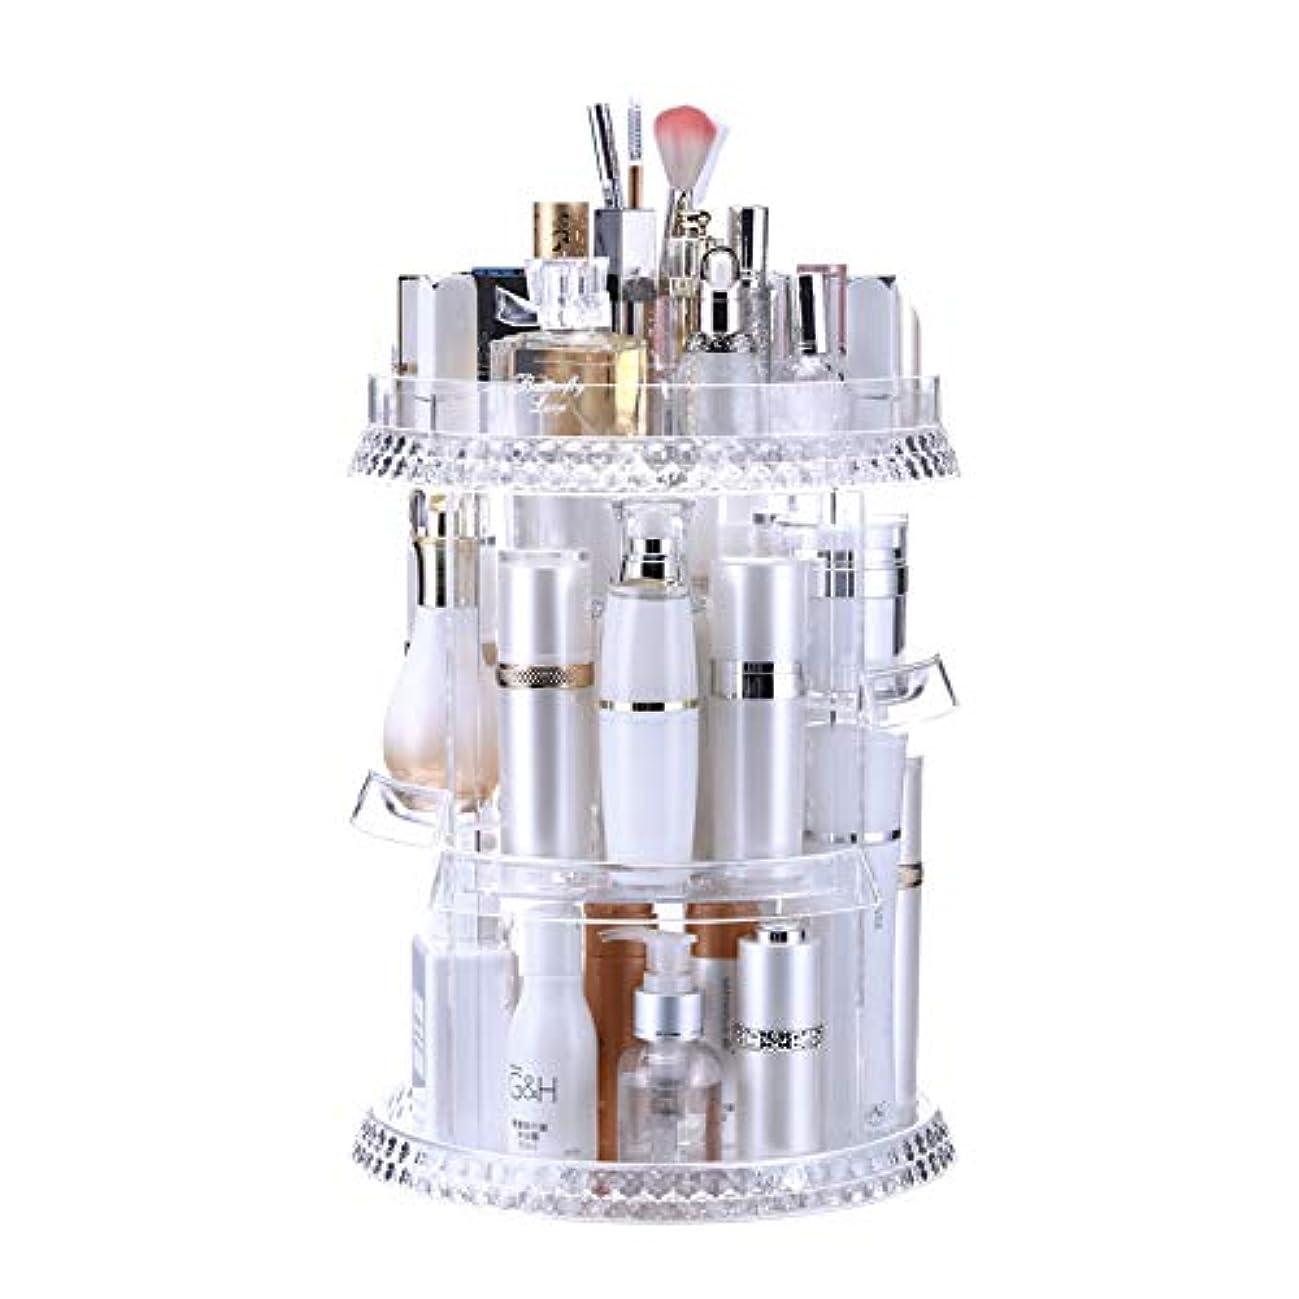 アクセル前提インセンティブメイクボックス 化粧品収納ケース360度回転式コスメ収納ボックス 引き出し大容量 調節可能 組み立て式 きらきら 高透明度 丸洗いでき 化粧品 入れ 女の子のギフト